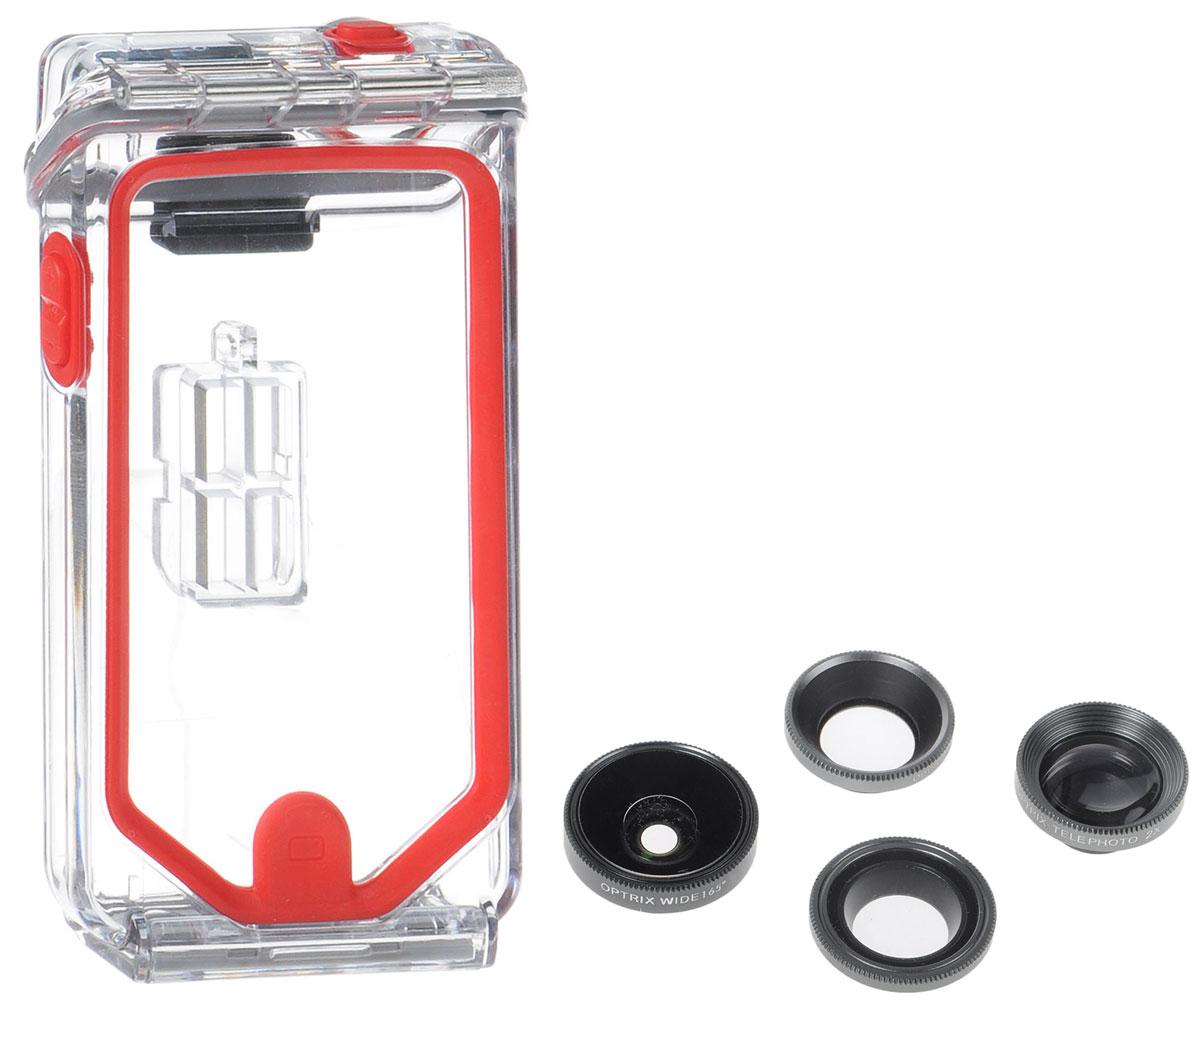 Optrix Photo Pro, Black Red набор для фотосъемки для iPhone 5/5s/SEFS-94678Профессиональный набор, включающий 4 сменных объектива и жесткий чехол для их хранения. Снимайте в любых ситуациях, в любых условиях, не боясь повредить свой iPhone.Чехол Optrix для iPhone отличается точно сконструированной и надежной конструкцией, превращающей ваш iPhone в полноценную экшн-камеру: съемка во время сплава по реке, велопрогулки, катания на лыжах, пляжного отдыха - все это возможно теперь при помощи Вашего iPhone! • 100% водонепроницаемость при погружении на глубину до 4,5 м (соответствует стандарту IP68)• Ударопрочность: выдерживает падение с высоты до 6,1 м (соответствует стандарту MIL-STD-810G)• Сверхпрочный корпус, сохраняющий весь функционал смартфона• Специальная защитная мембрана сохраняет все свойства сенсорного экрана устройства• Подходит к широкому ассортименту креплений• 4 сменных объектива (алюминий/стекло)